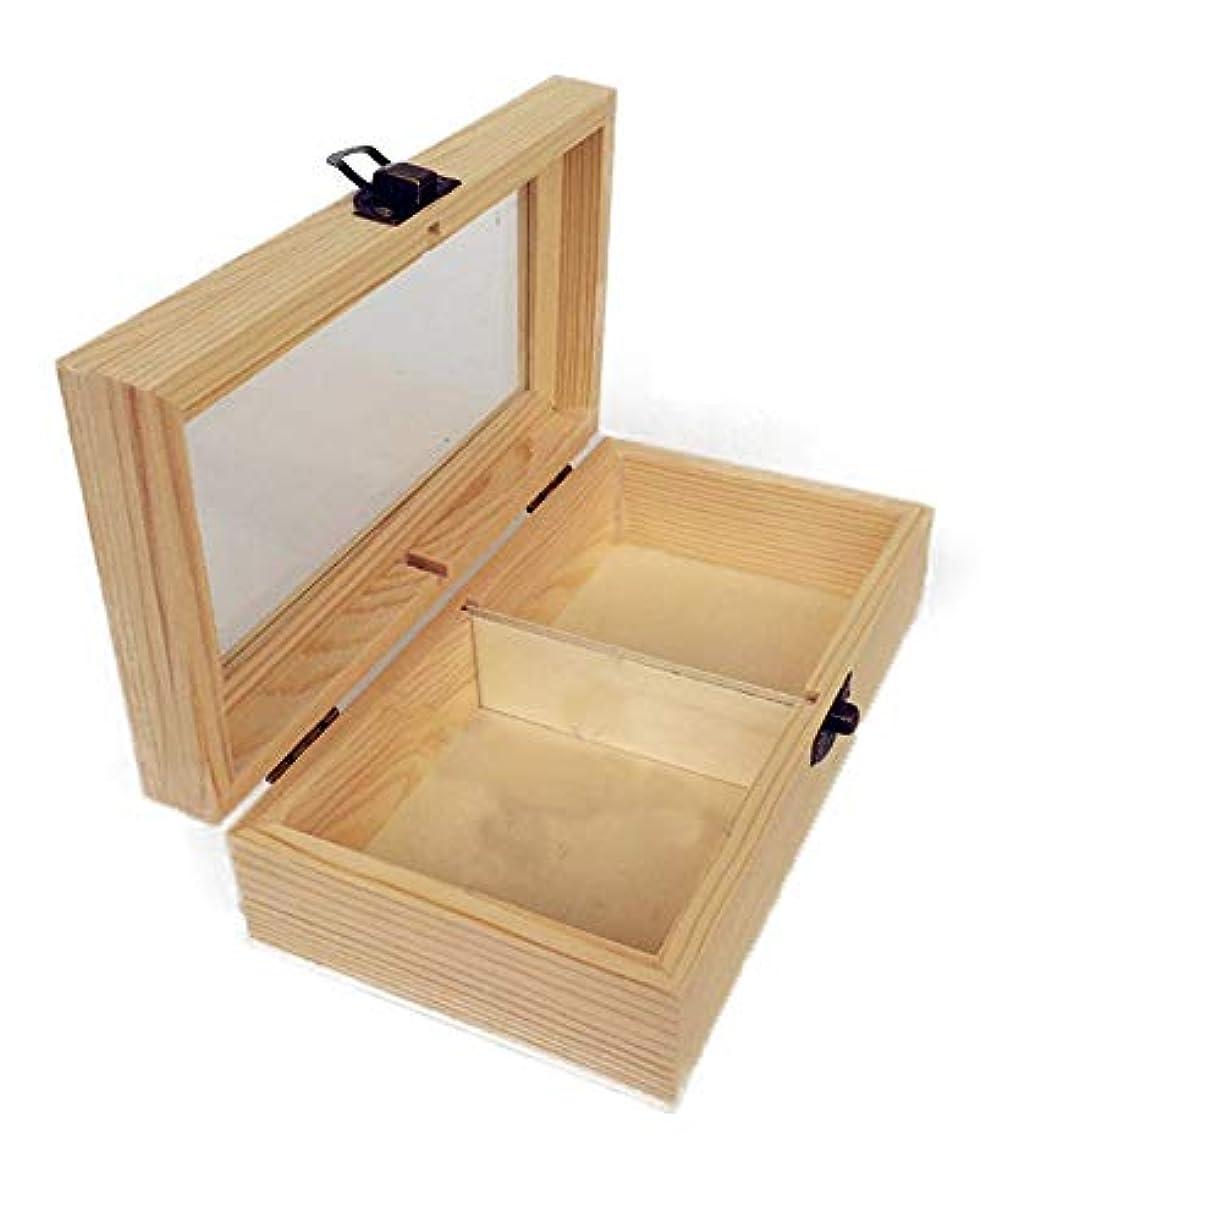 読みやすさ激怒主にエッセンシャルオイルの保管 プレゼンテーションのために手作りの木製ギフトボックスパーフェクトエッセンシャルオイルケースにエッセンシャルオイルは、被害太陽光からあなたの油を保護します (色 : Natural, サイズ :...